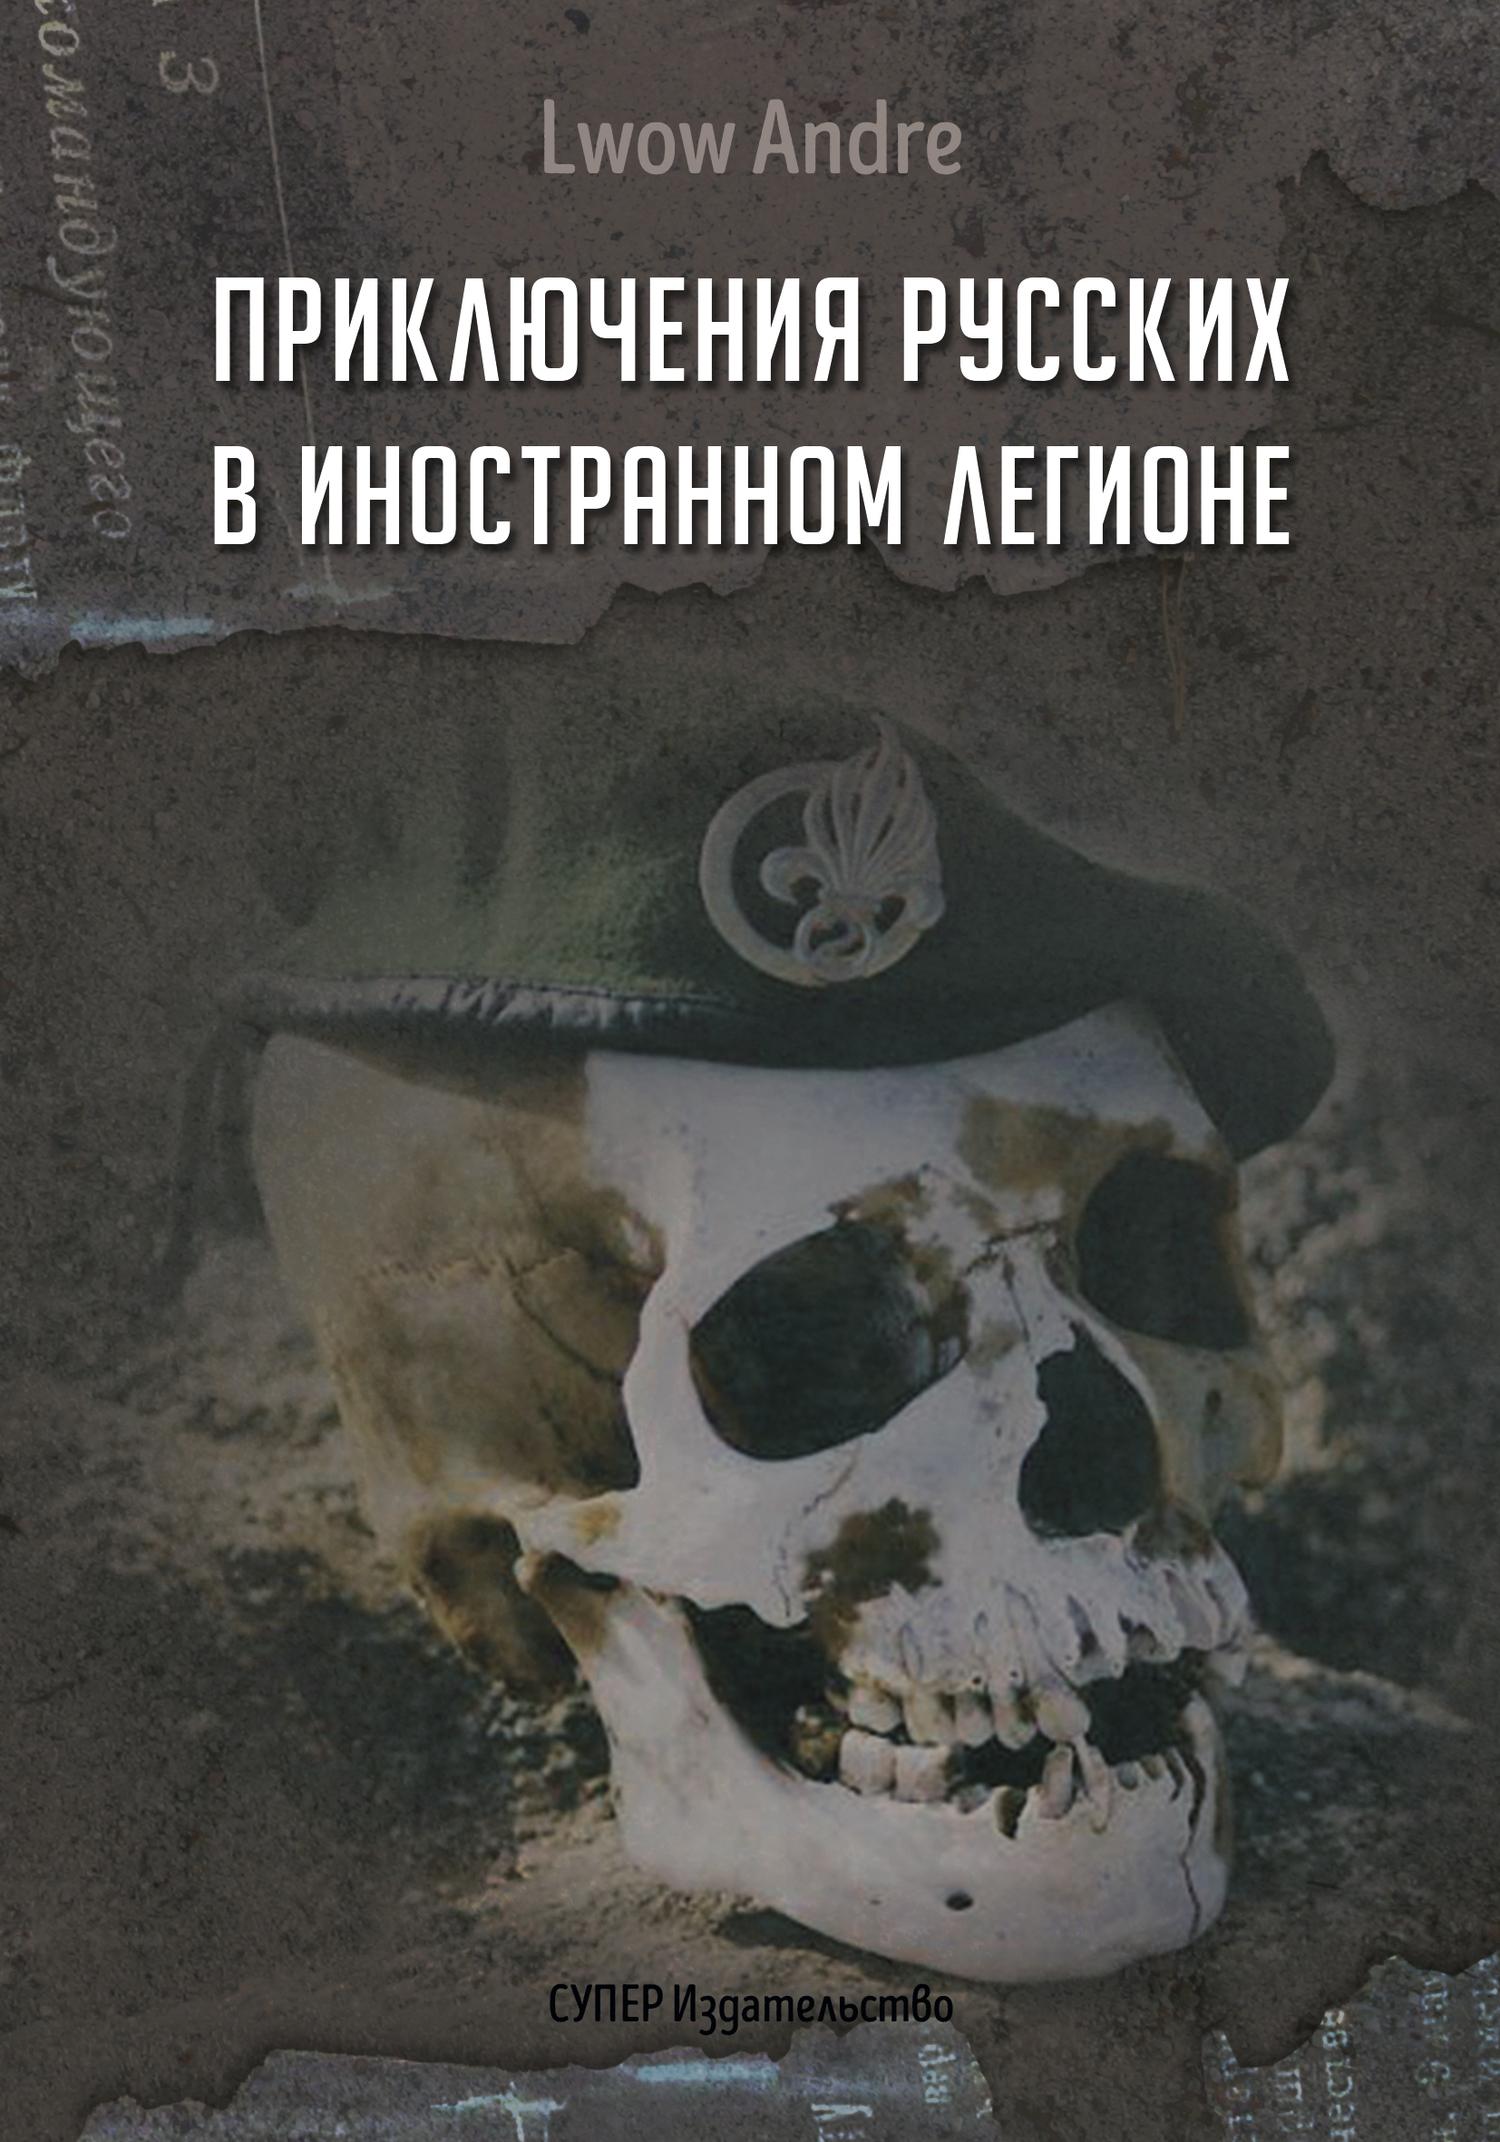 Андрэ Львов - Приключение русских в Иностранном легионе